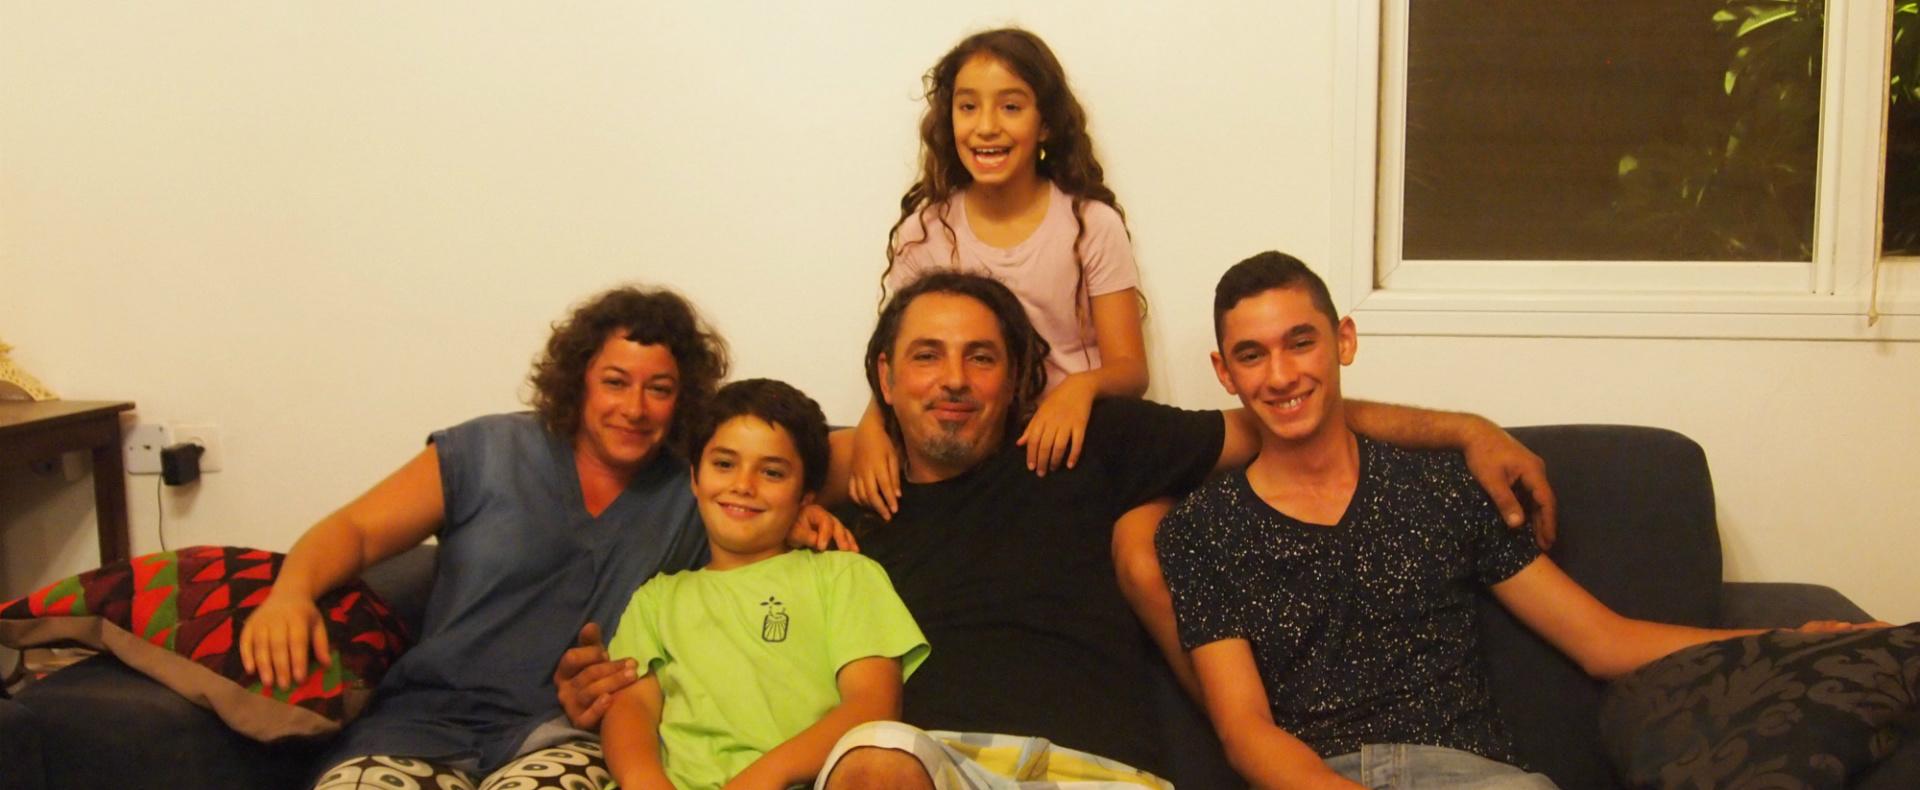 ביקור בית- משפחת ראם